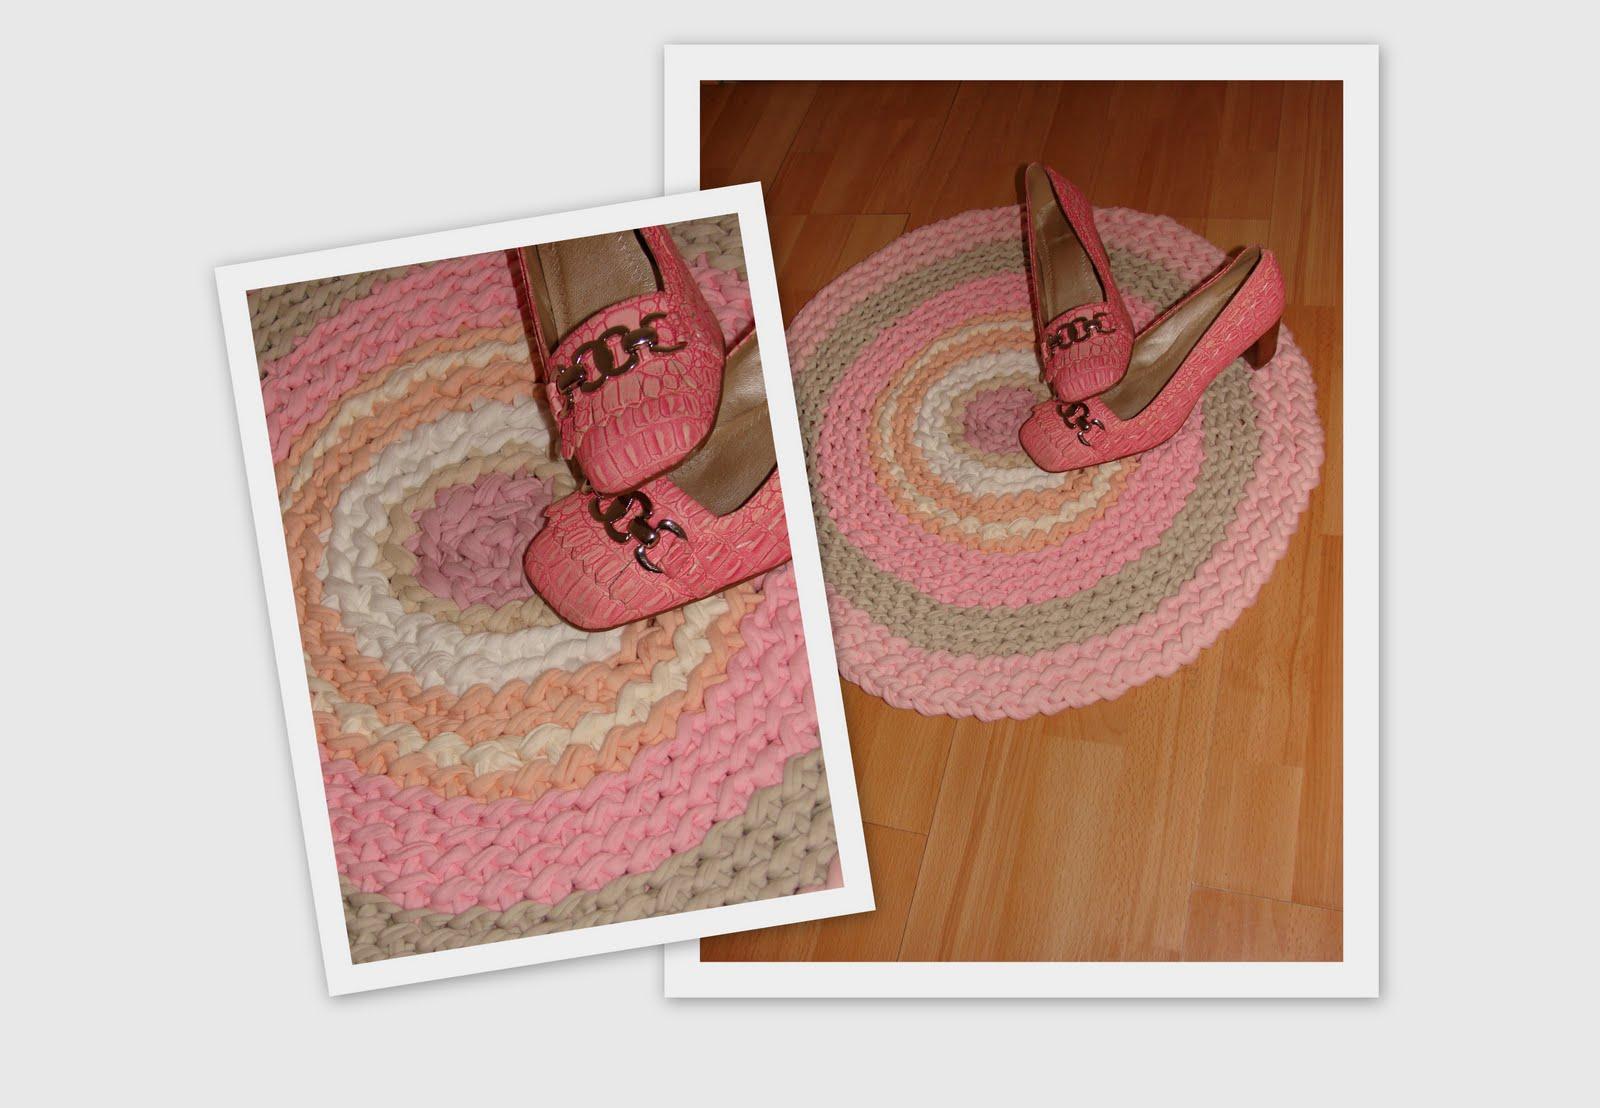 Mas alfombras redondas artesana - Alfombras tejidas a mano ...